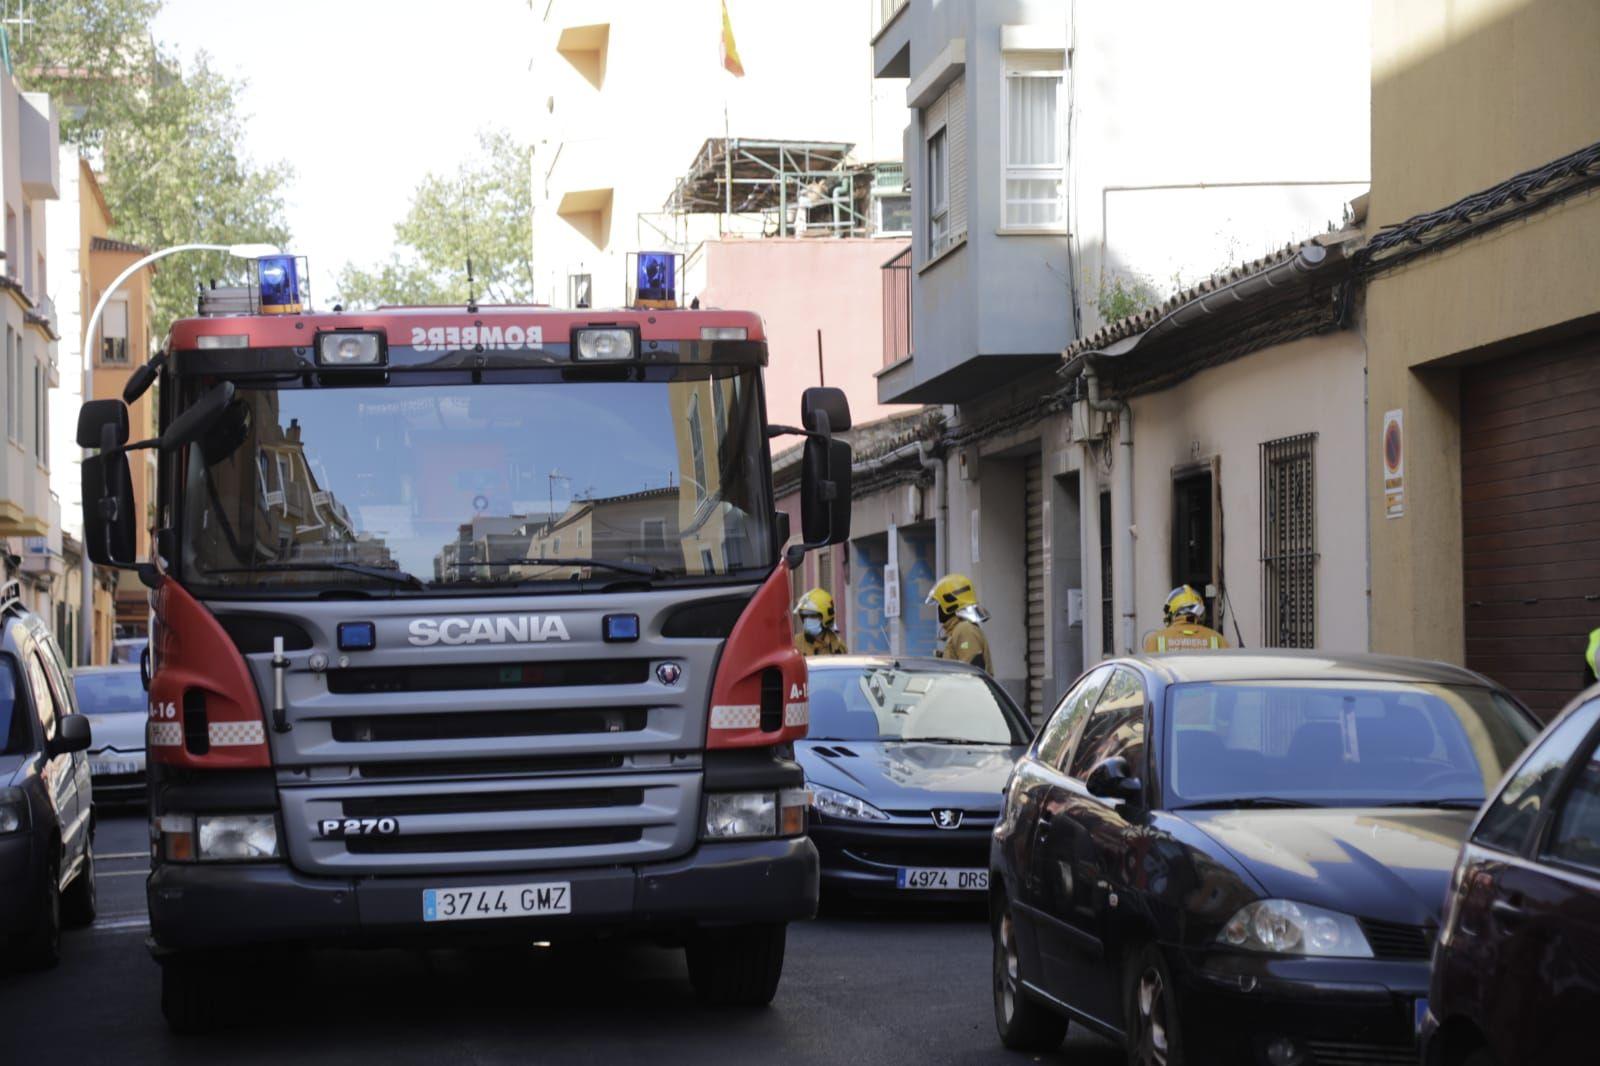 Una persona sufre quemaduras graves en un incendio en La Soledat